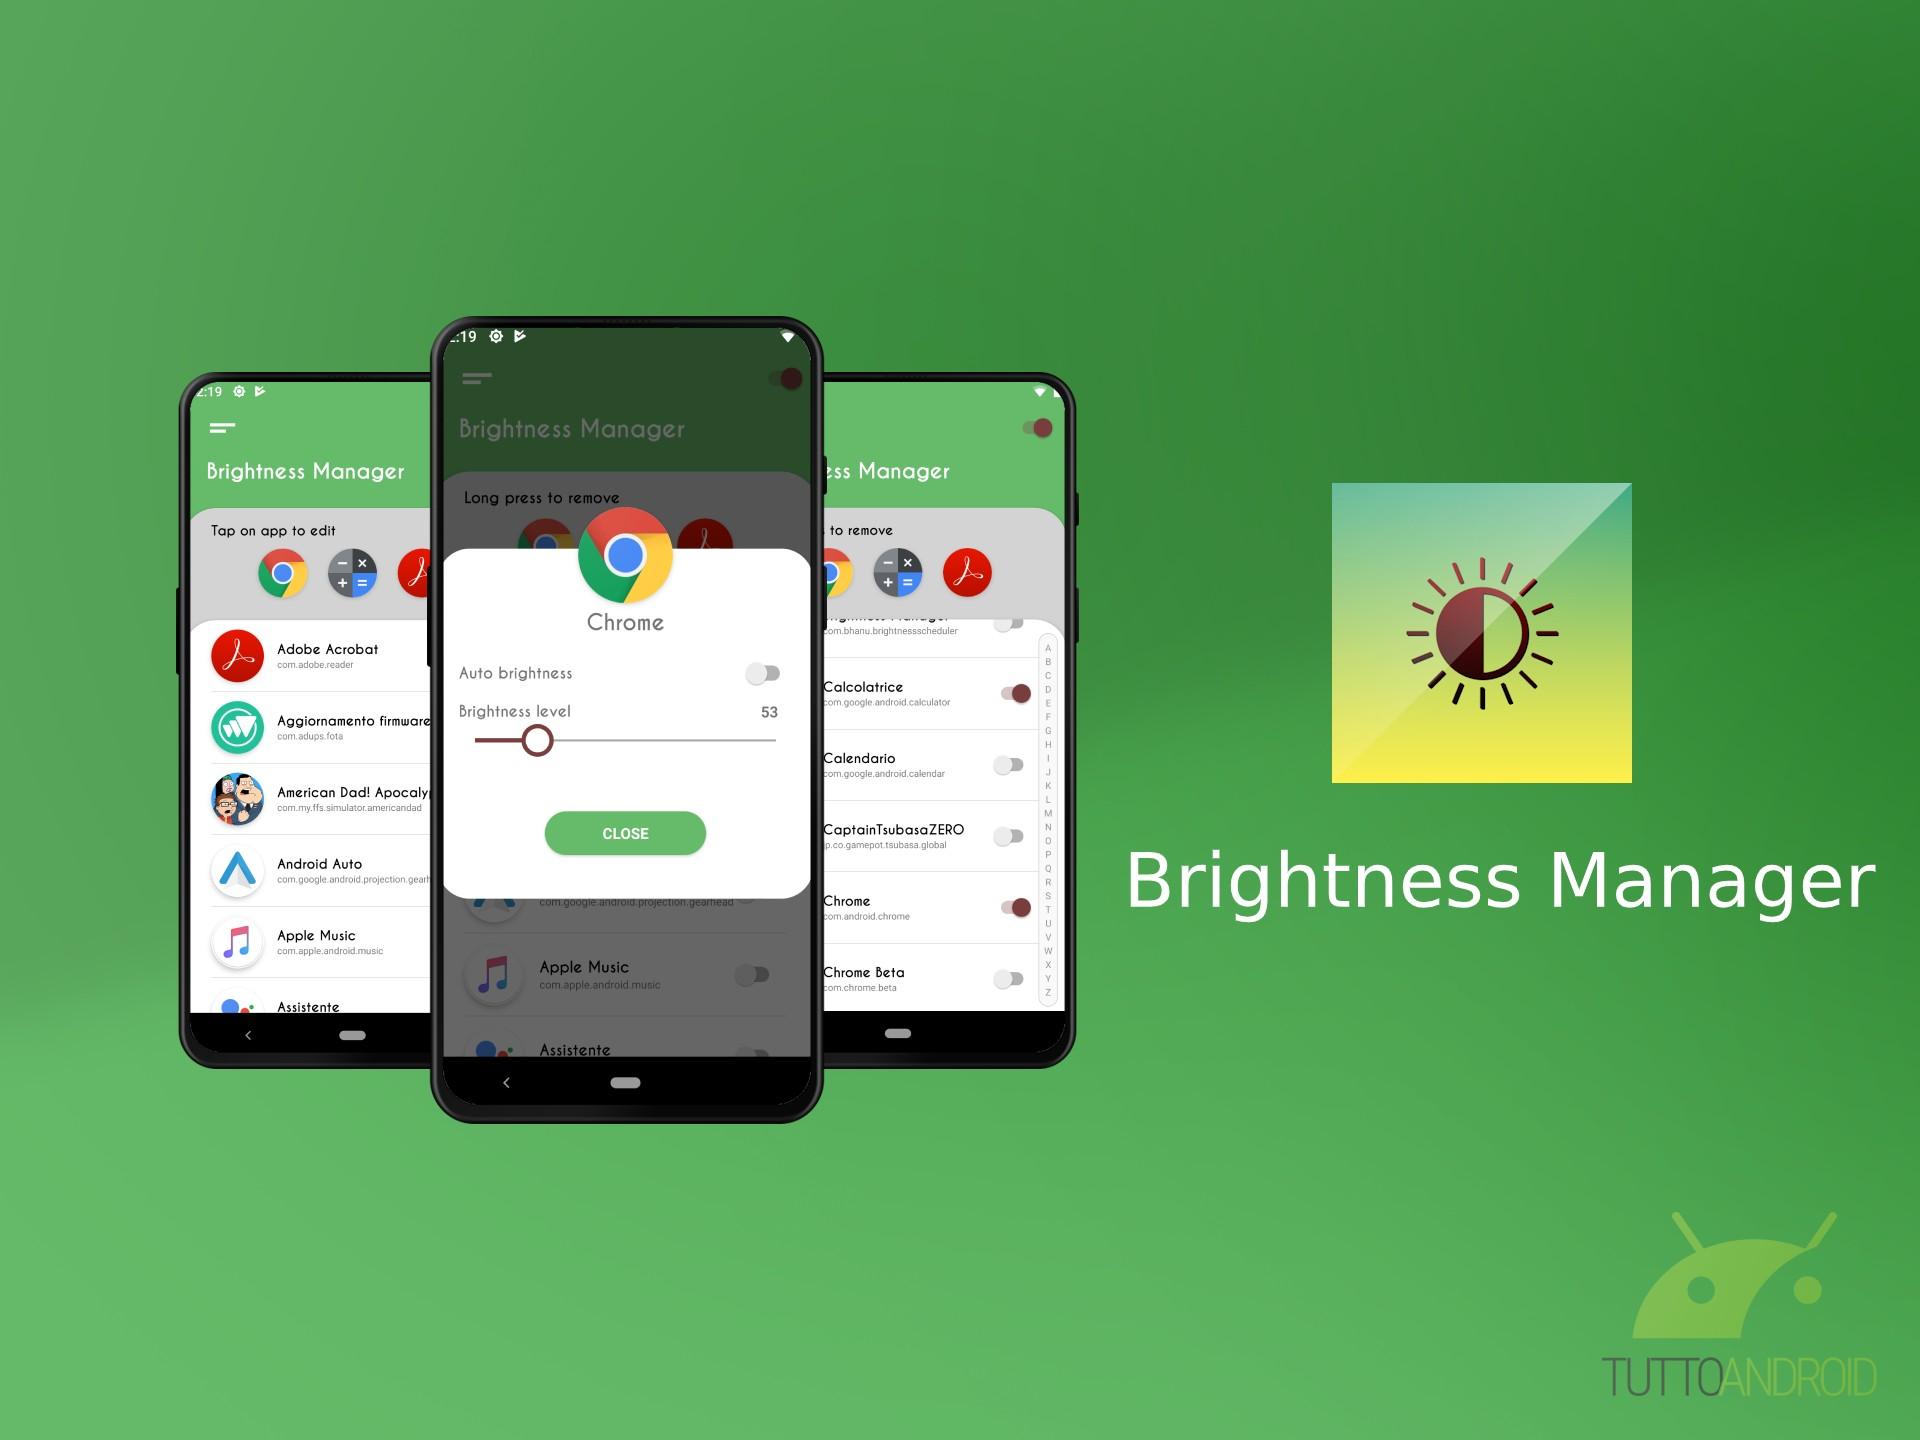 Brightness Manager imposta un livello di luminosità per ogni